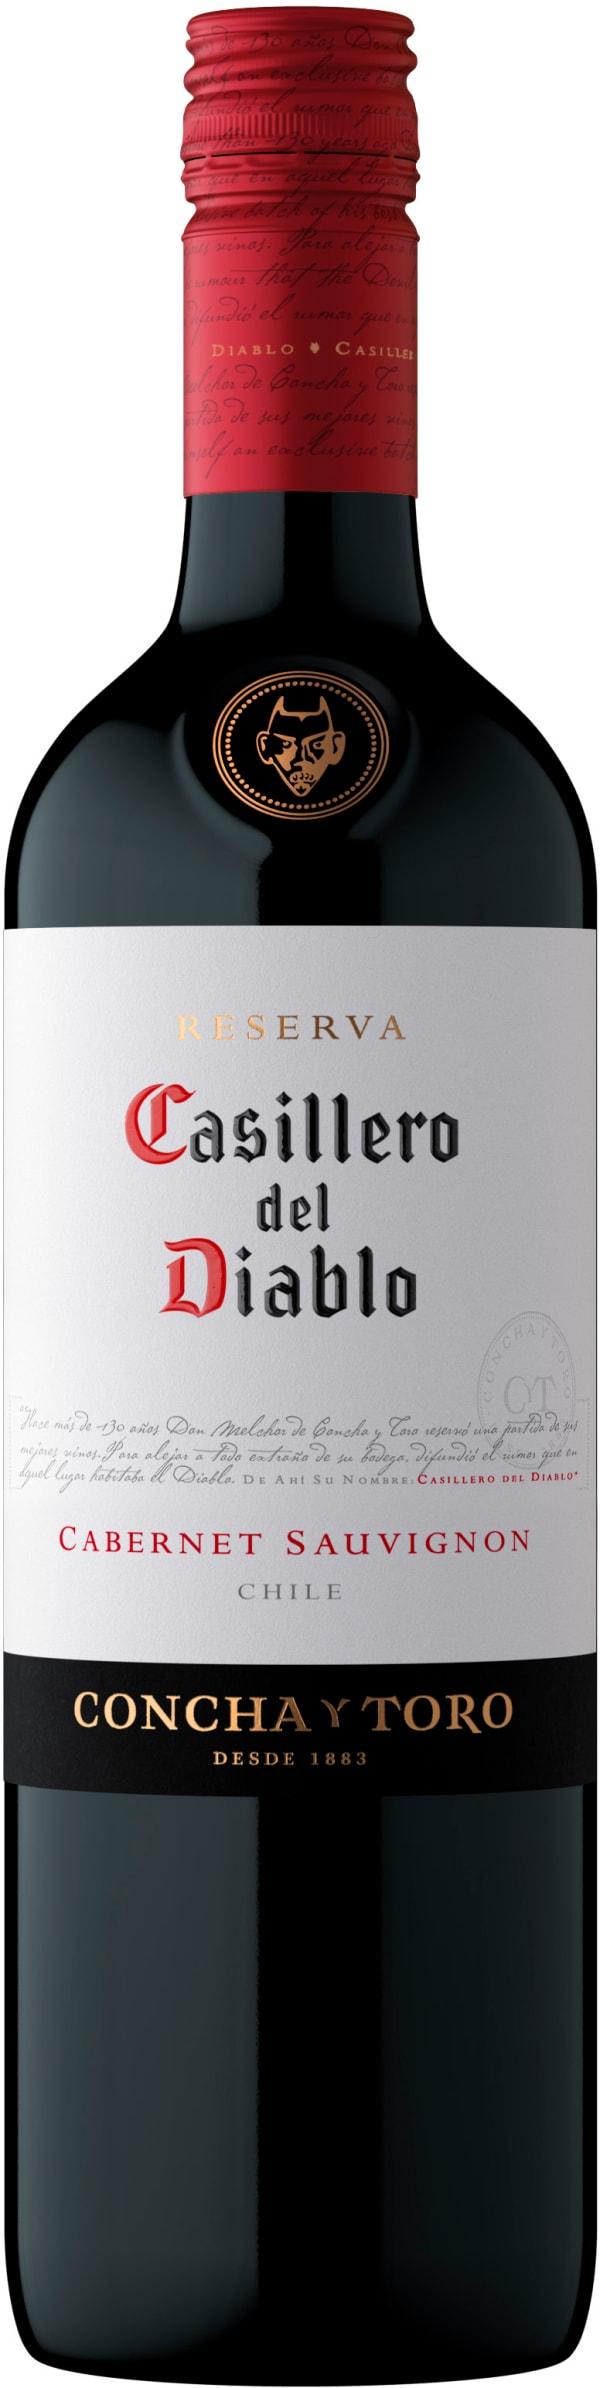 Casillero del Diablo Cabernet Sauvignon Reserva 2018